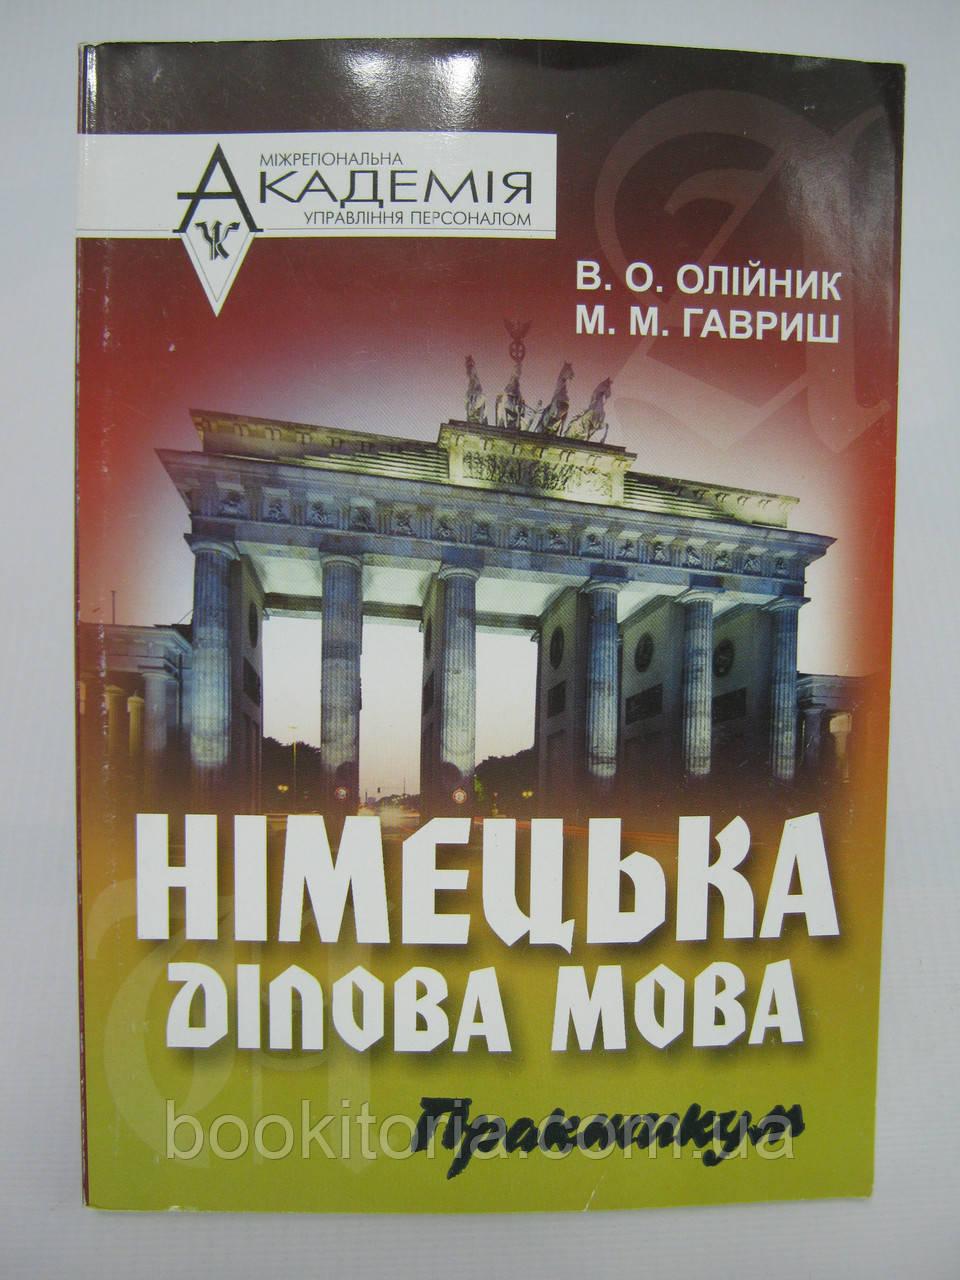 Олійник В.О., Гавриш М.М. Німецька ділова мова. Практикум (б/у).